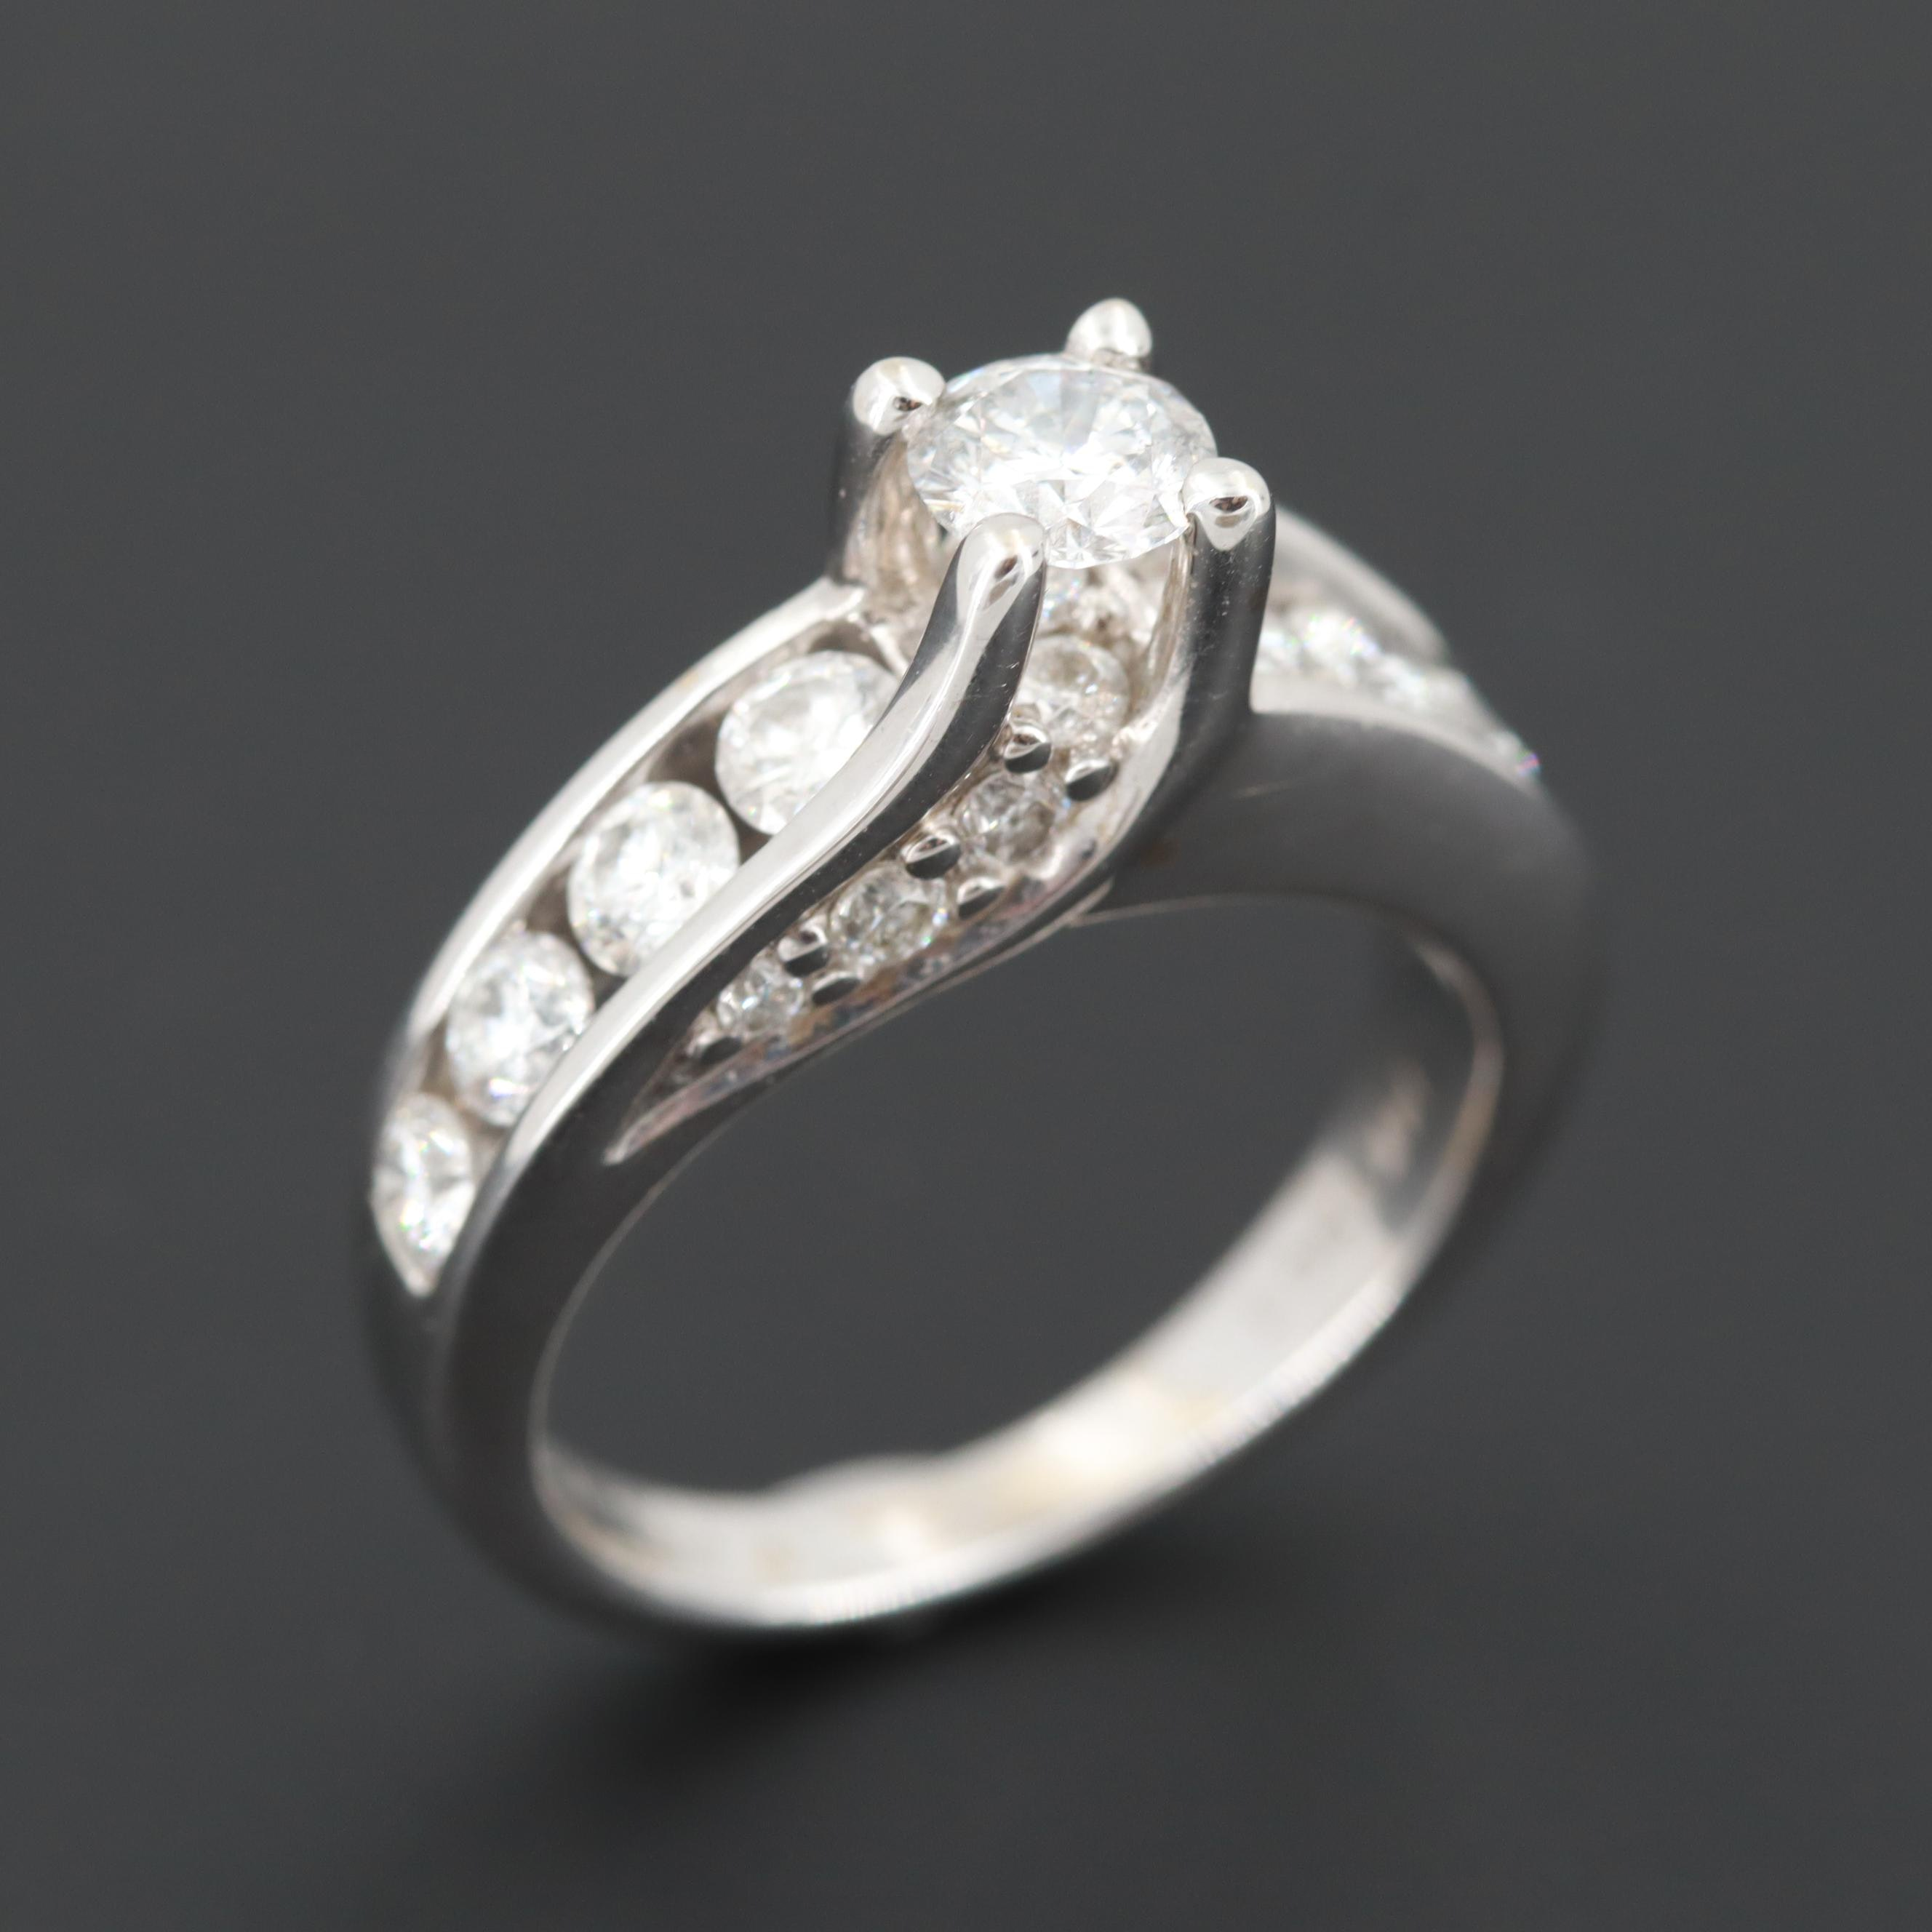 Leo Schachter 14K White Gold 1.04 CTW Diamond Ring